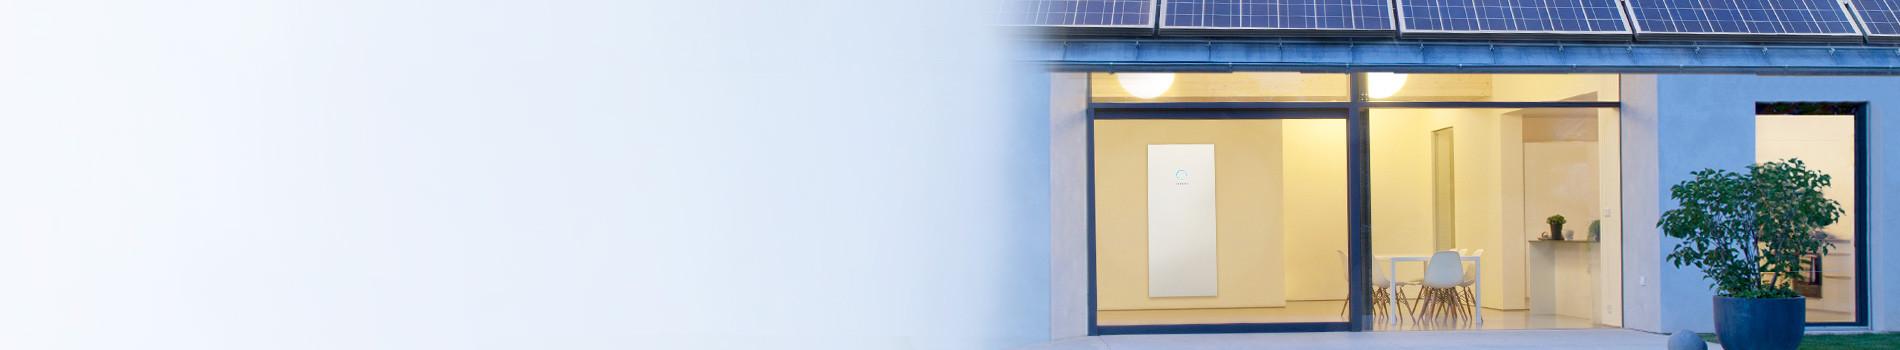 Haus in der Dämmerung mit sonnenBatterie